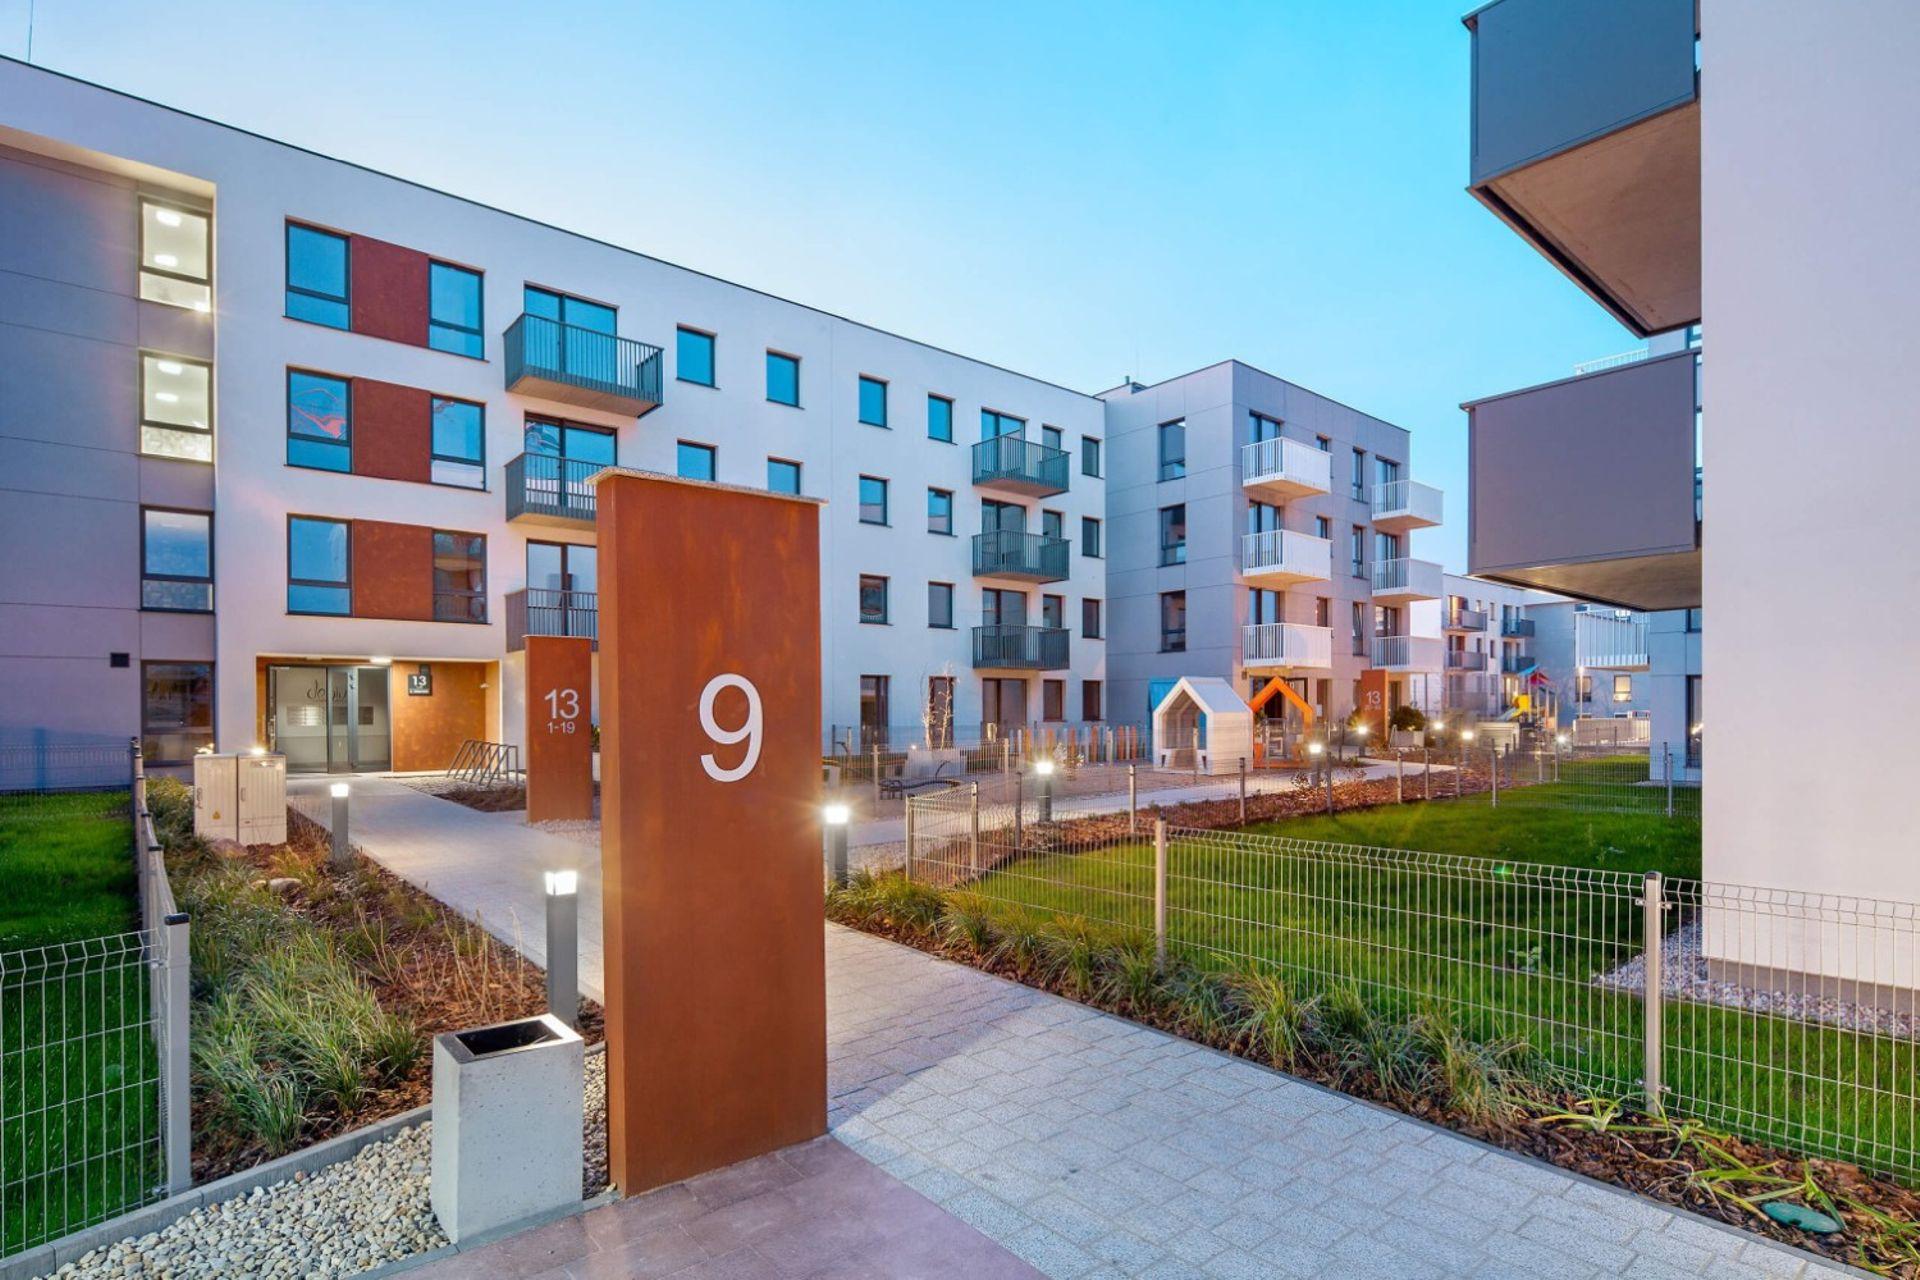 [pomorskie] Zdecydowana większość mieszkań na osiedlu Debiut w Pruszczu Gdańskim sprzedanych